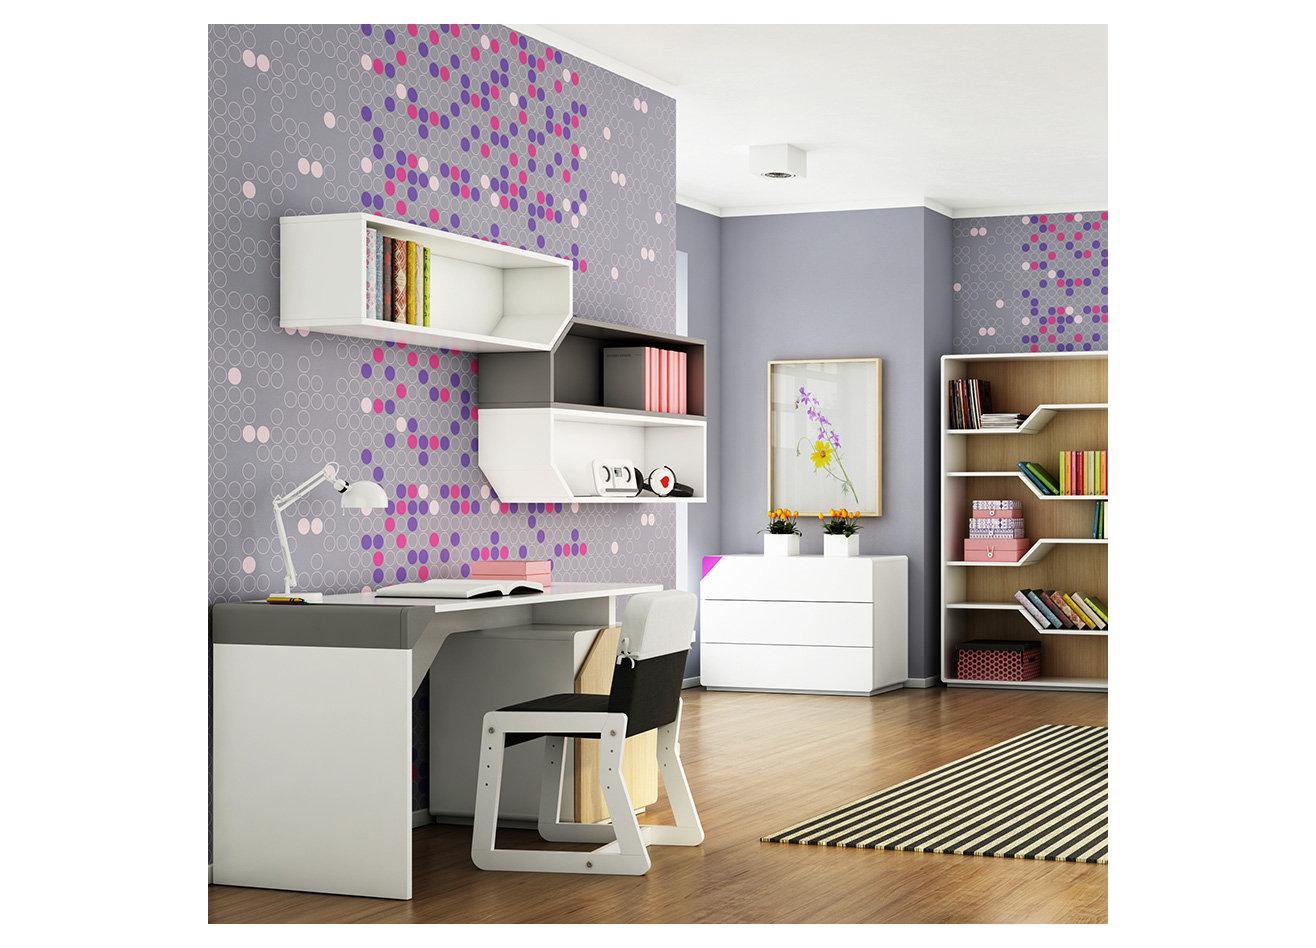 Коллекция детской мебели Beep